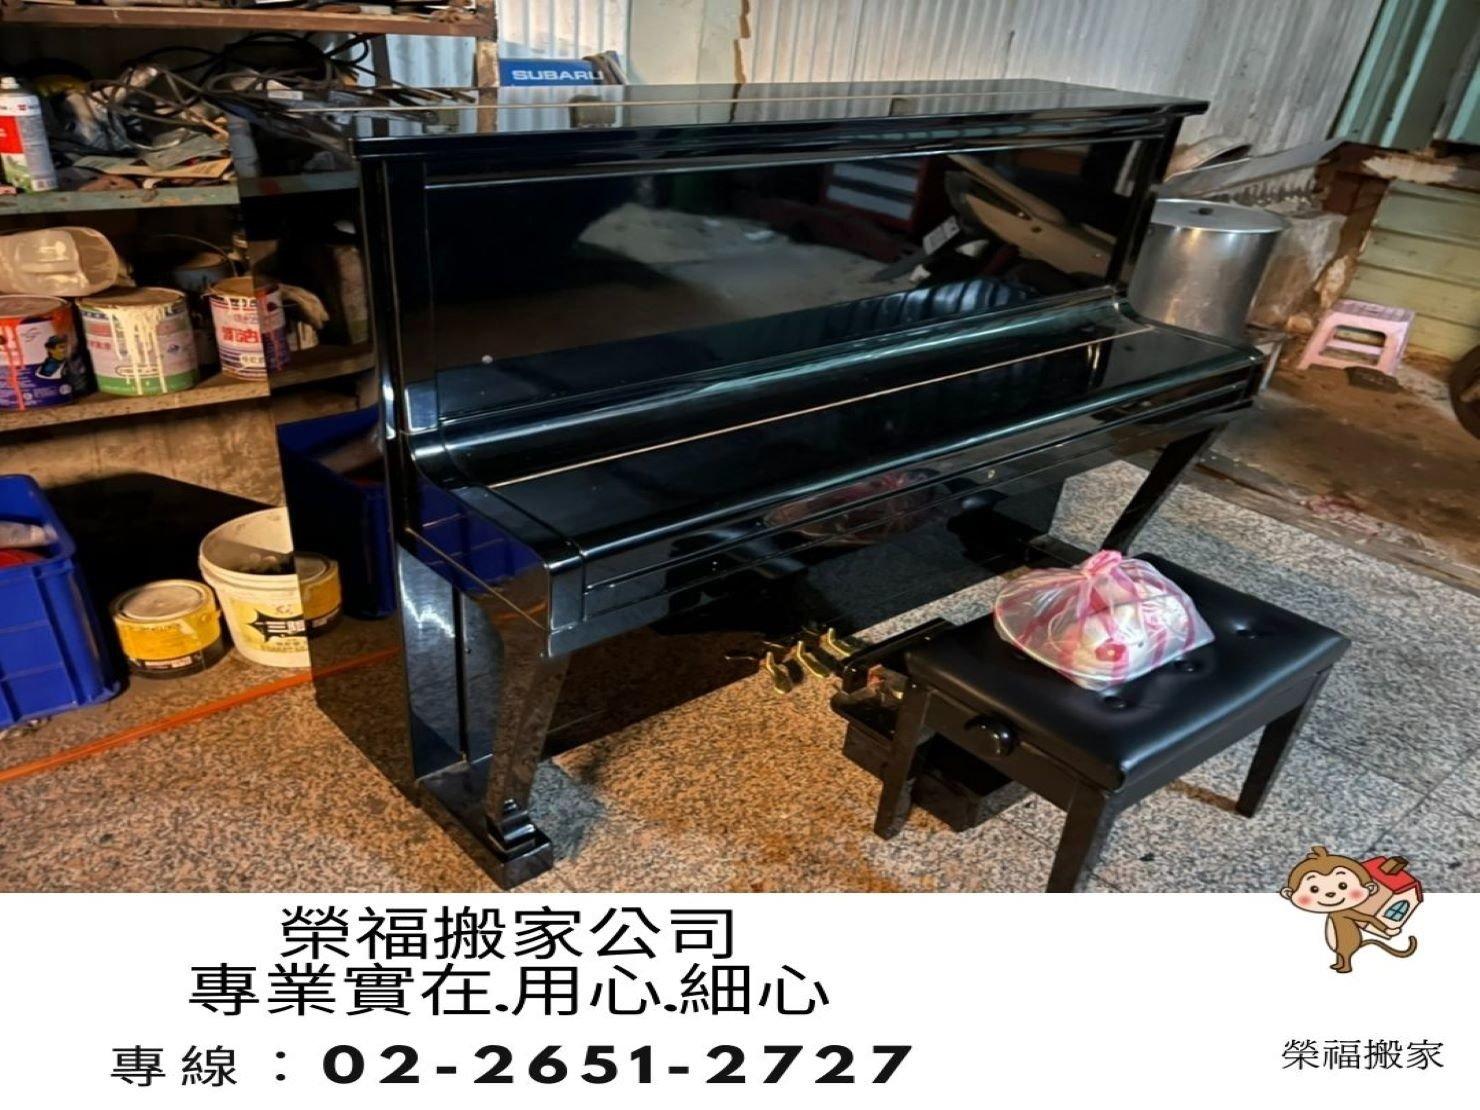 【鋼琴搬運】搬丟棄鋼琴,看榮福搬家如何處理不要的鋼琴?!